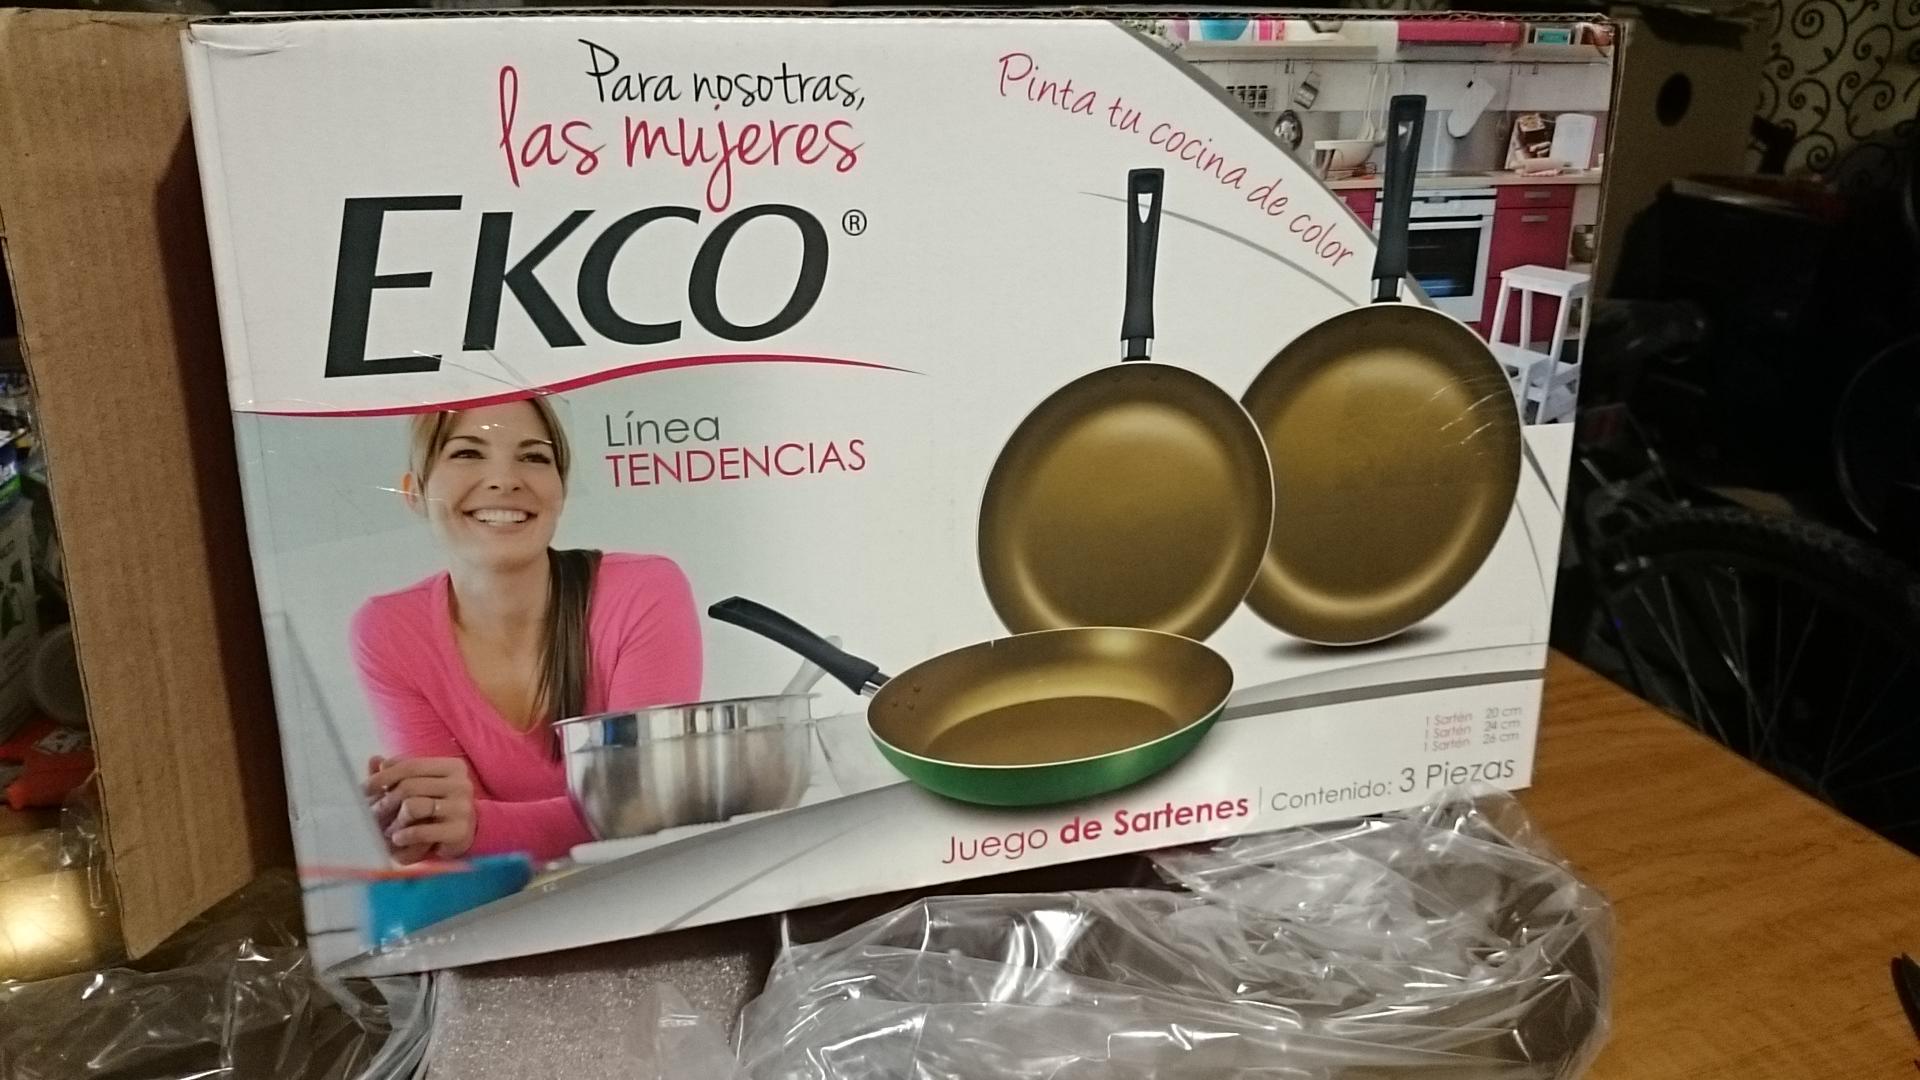 Walmart Alijadores Tampico: Batería de cocina Ecko 150.02 y más!!!!!!!